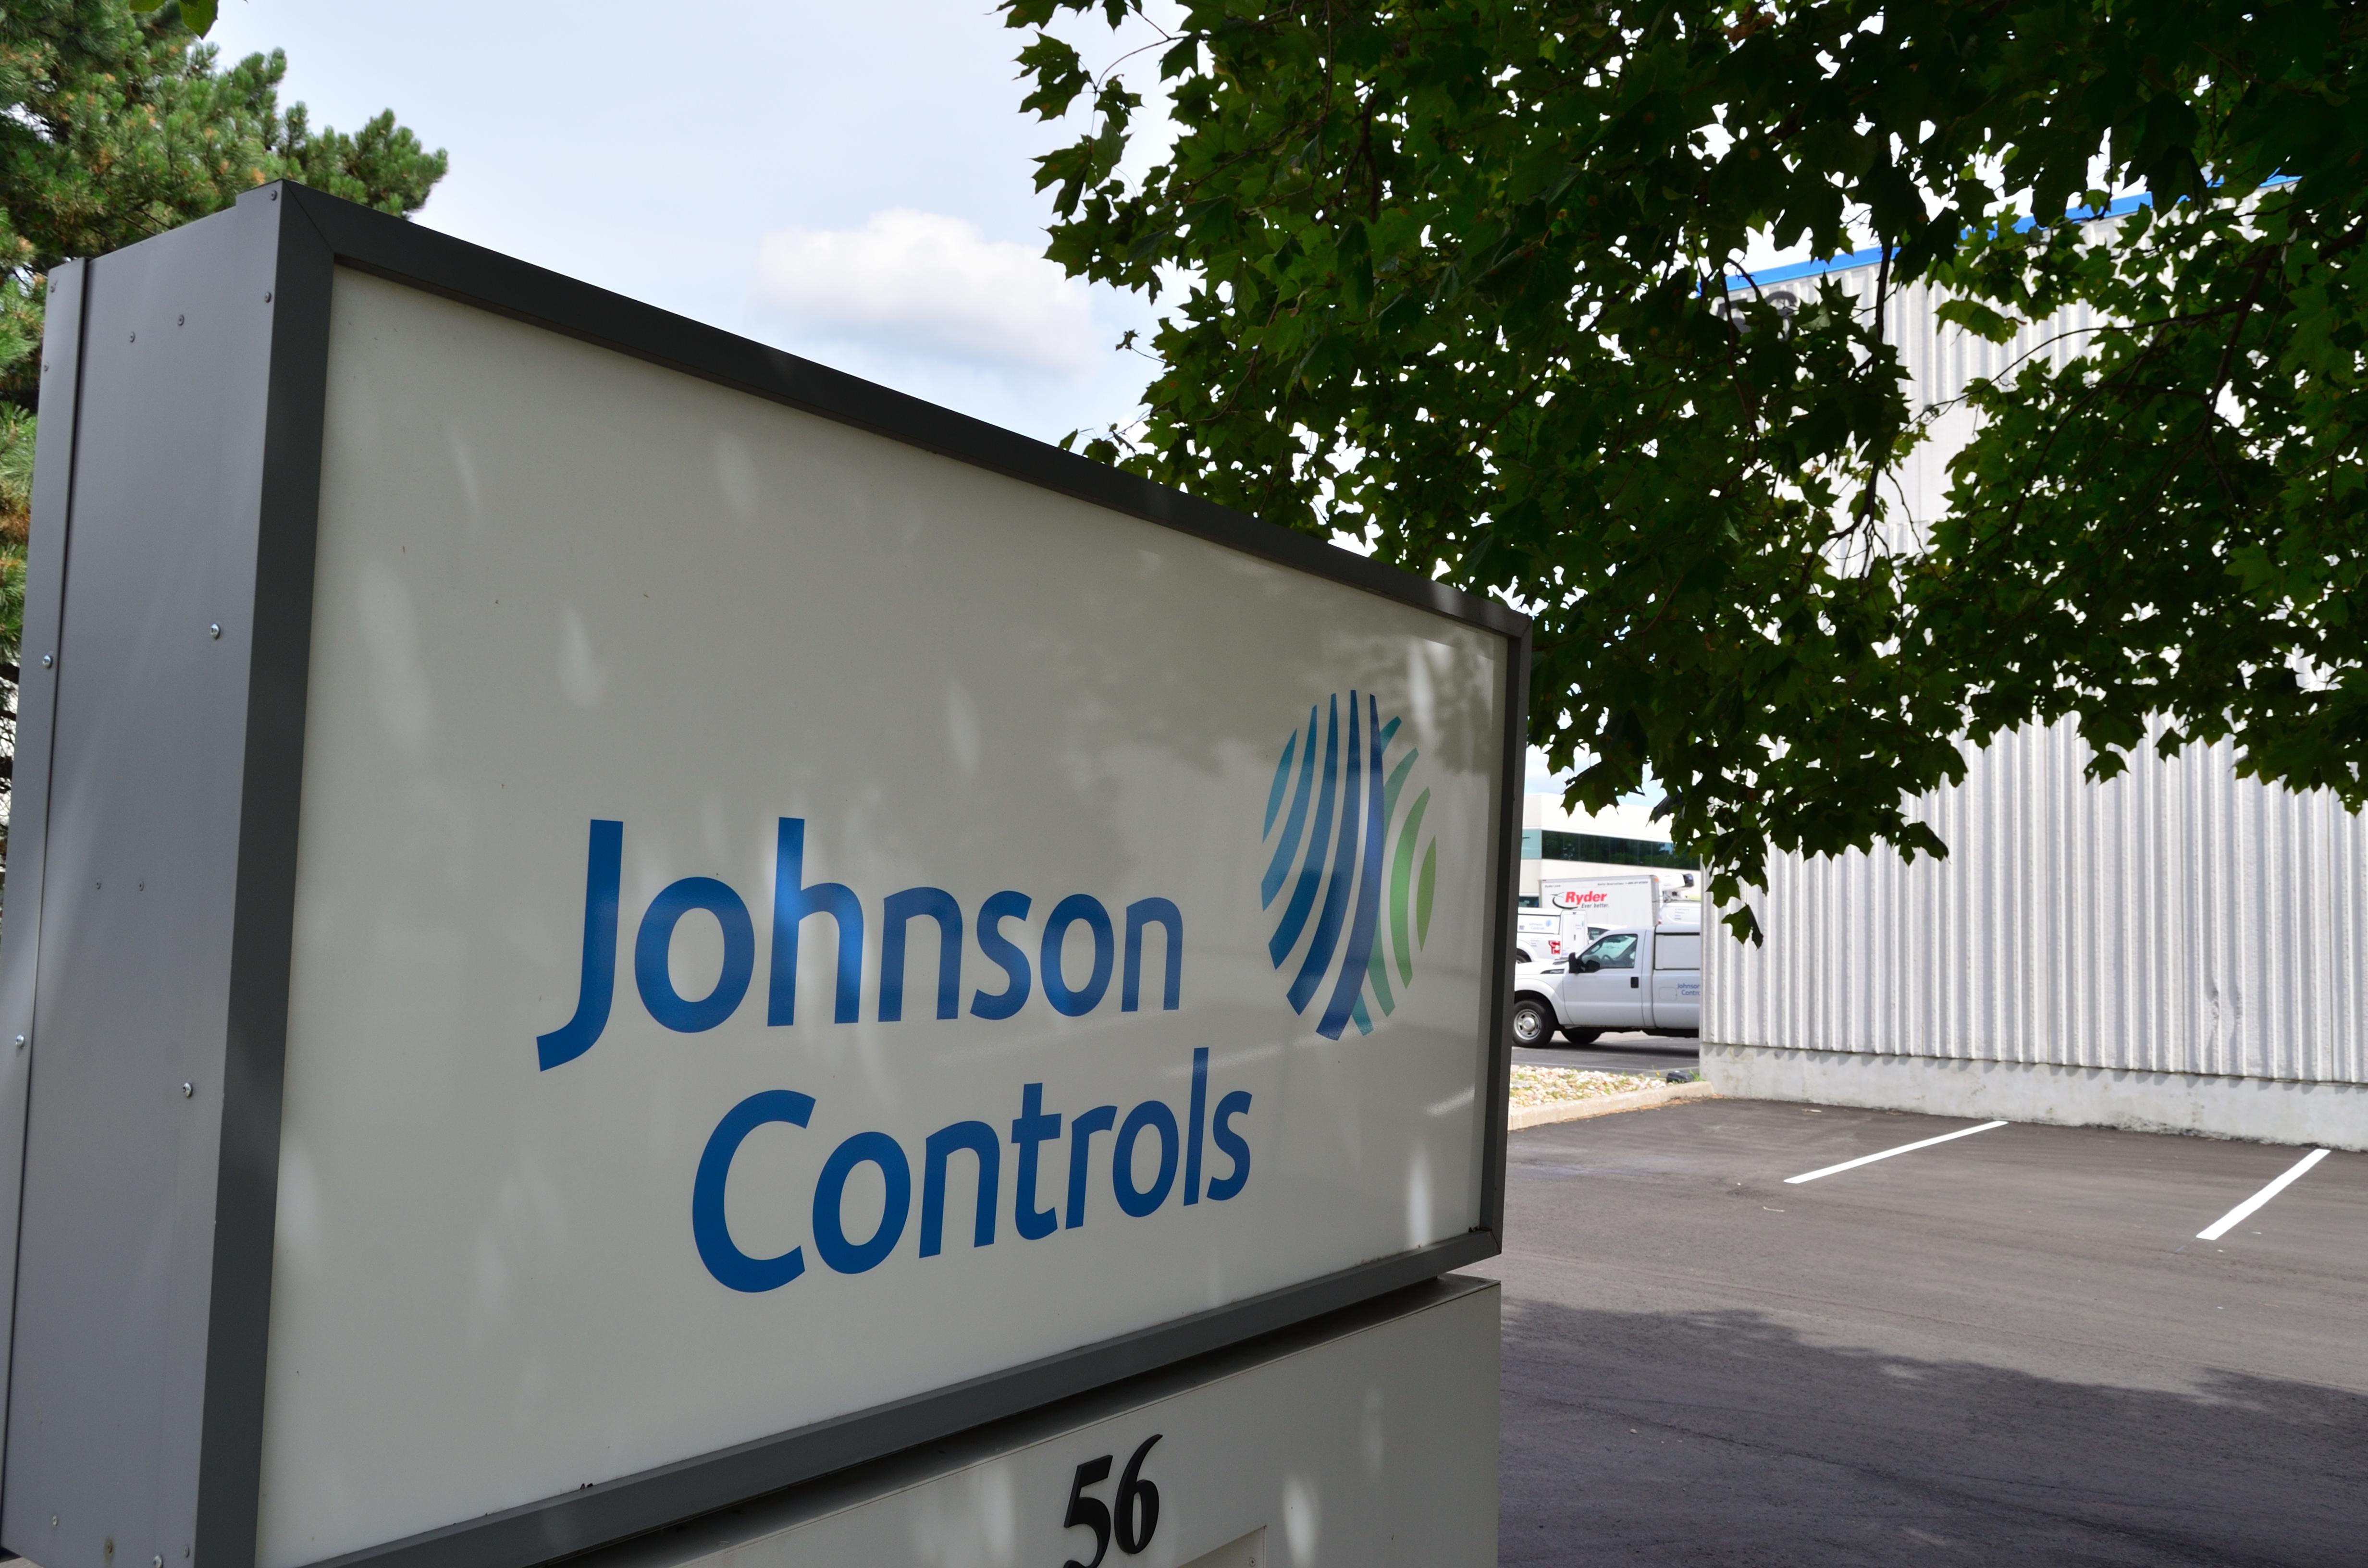 Johnson Controls - Wikipedia